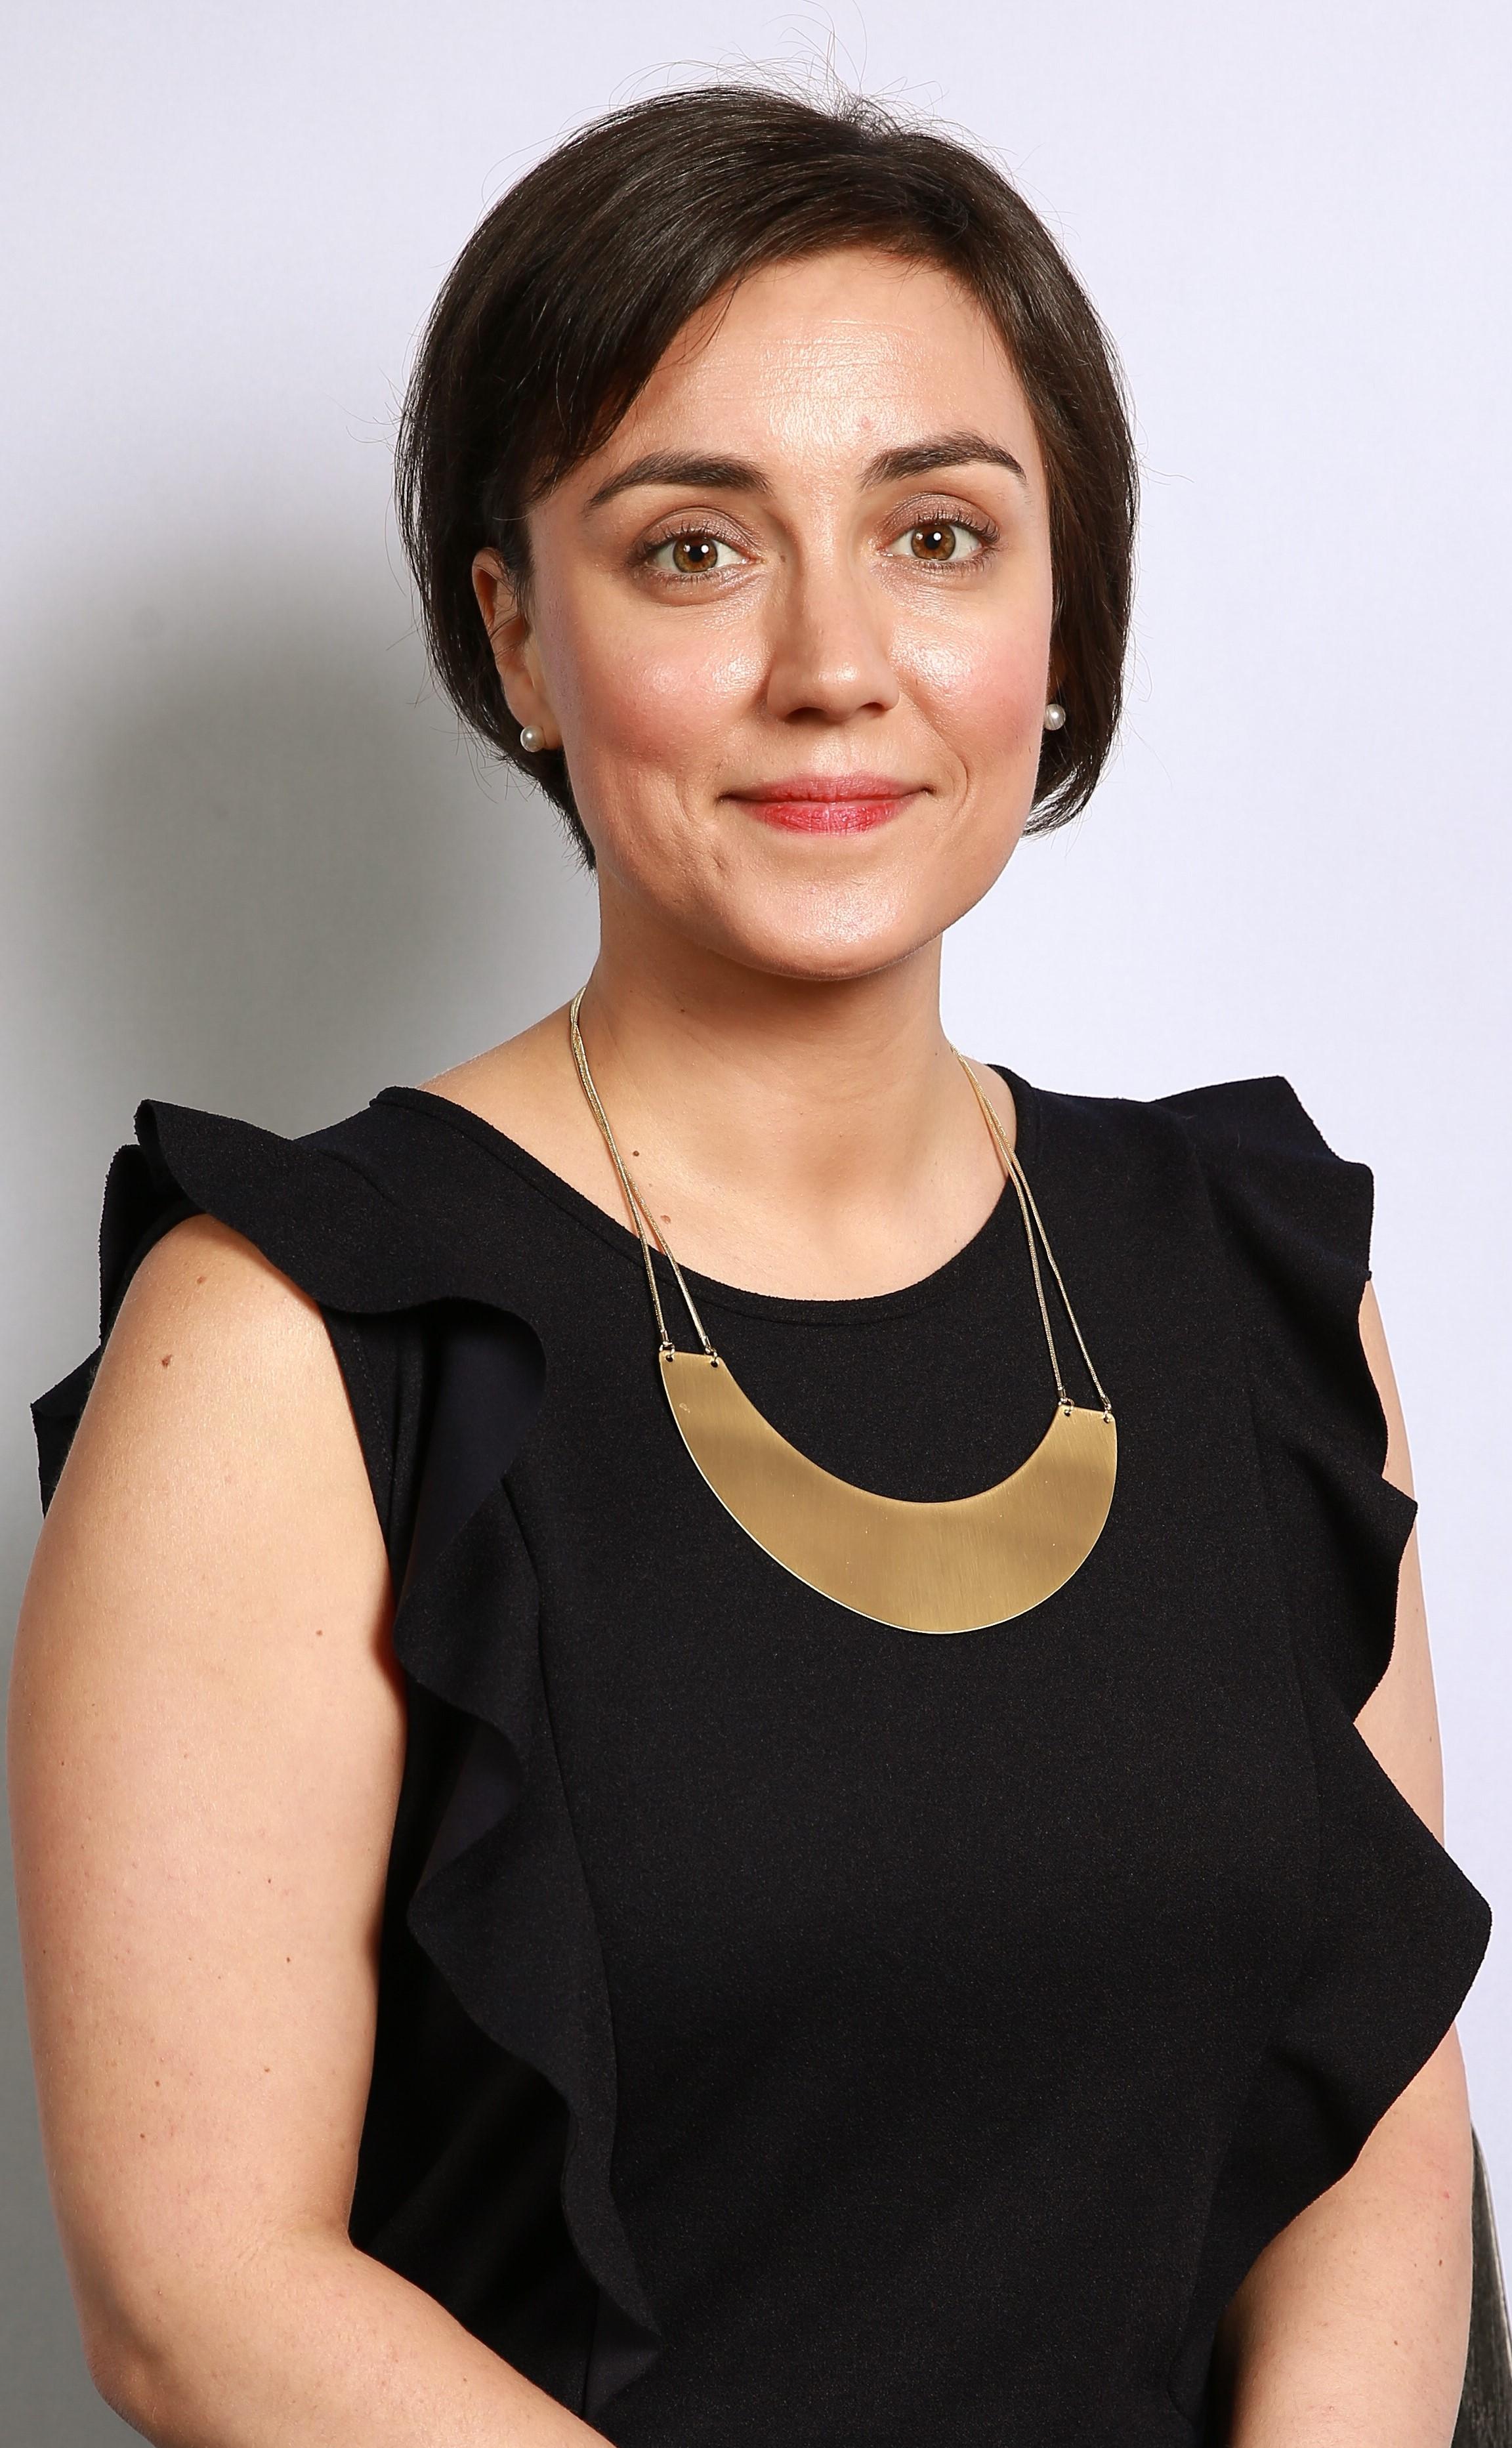 Laura LE LAY